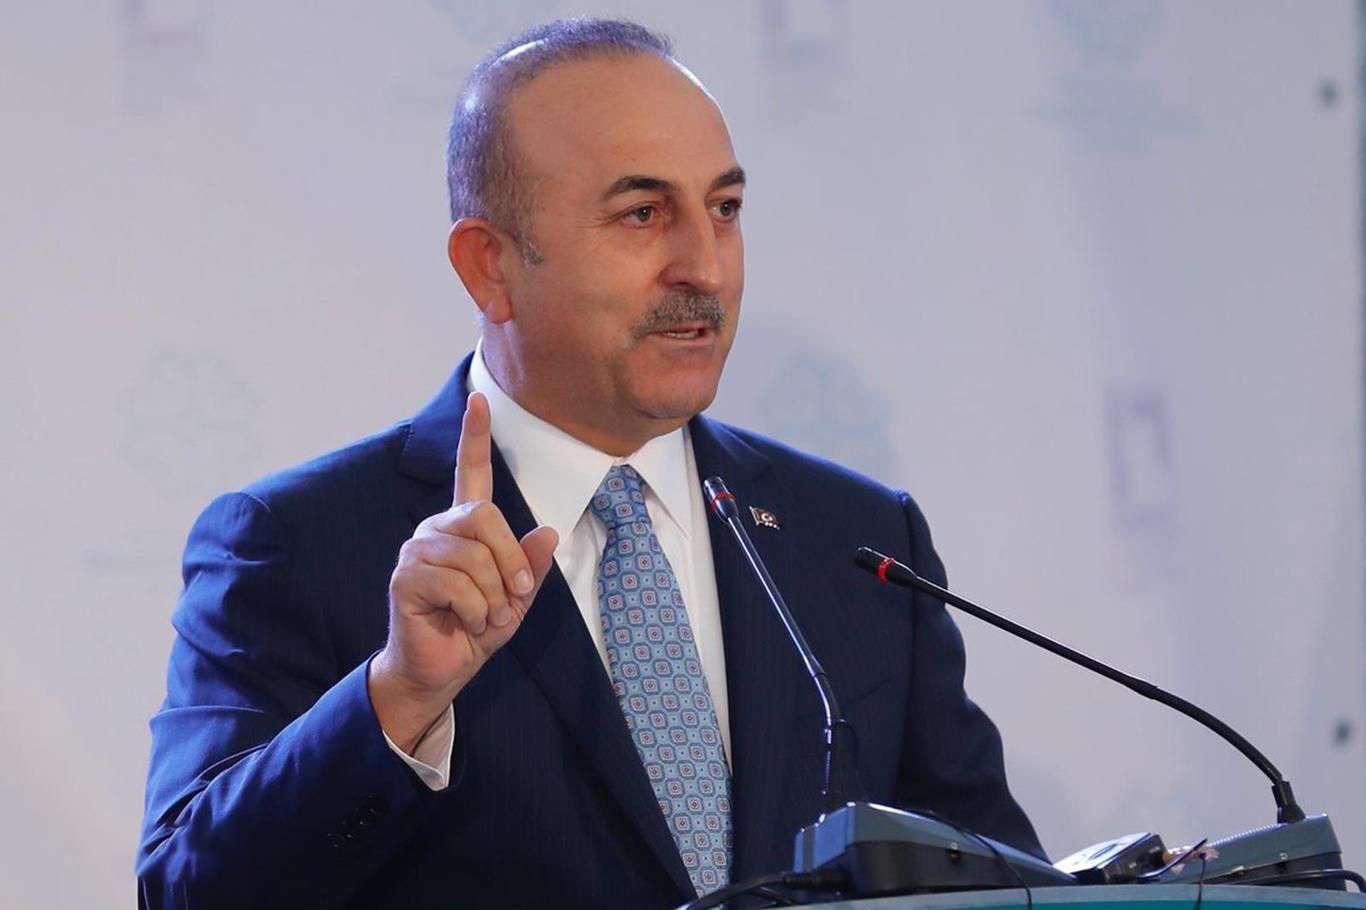 SON DAKİKA! Bakan Çavuşoğlu'dan Rusya'nın seyahat kısıtlamasına ilişkin açıklama